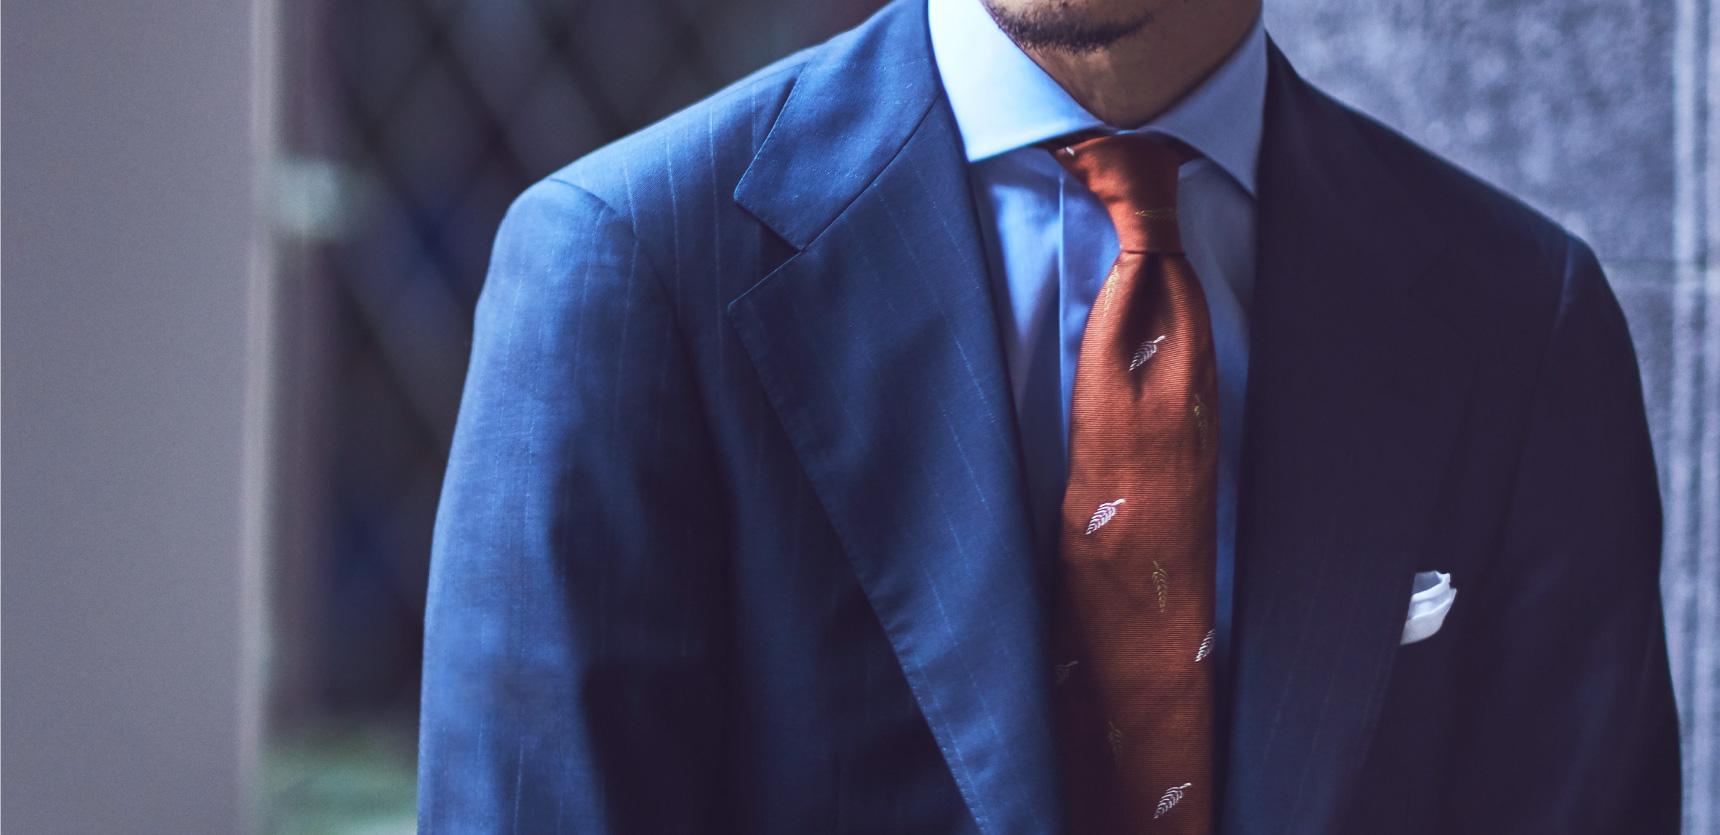 Atto Vannucci(アット・ヴァンヌッチ)のネクタイをご紹介。クラシックなスーツに合わせる事で、ビジネスシーンの装いをエレガントに演出します。